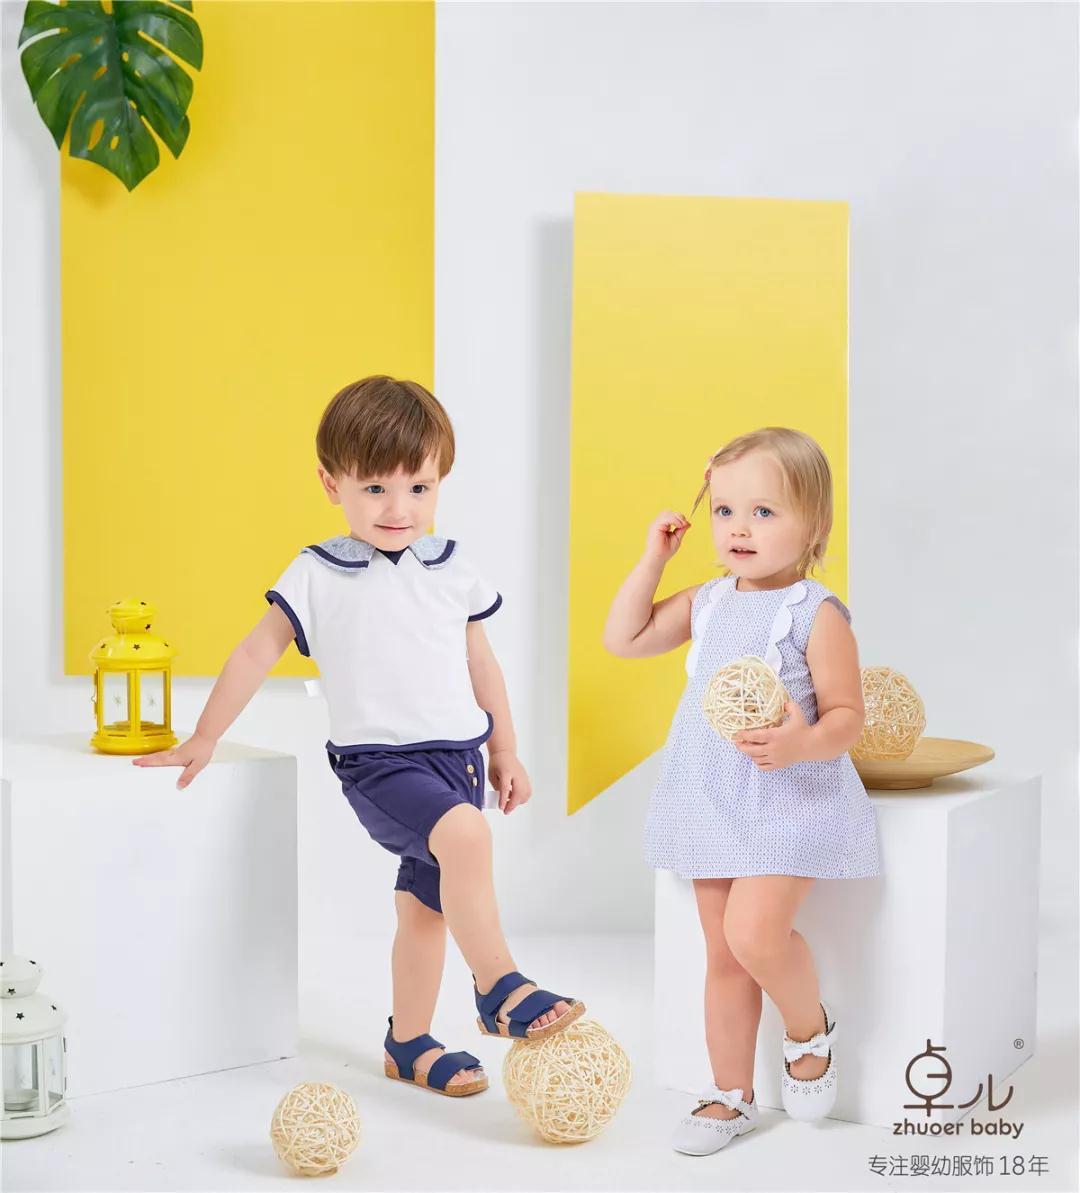 秋燥來臨,為寶寶選一款親膚好衣吧